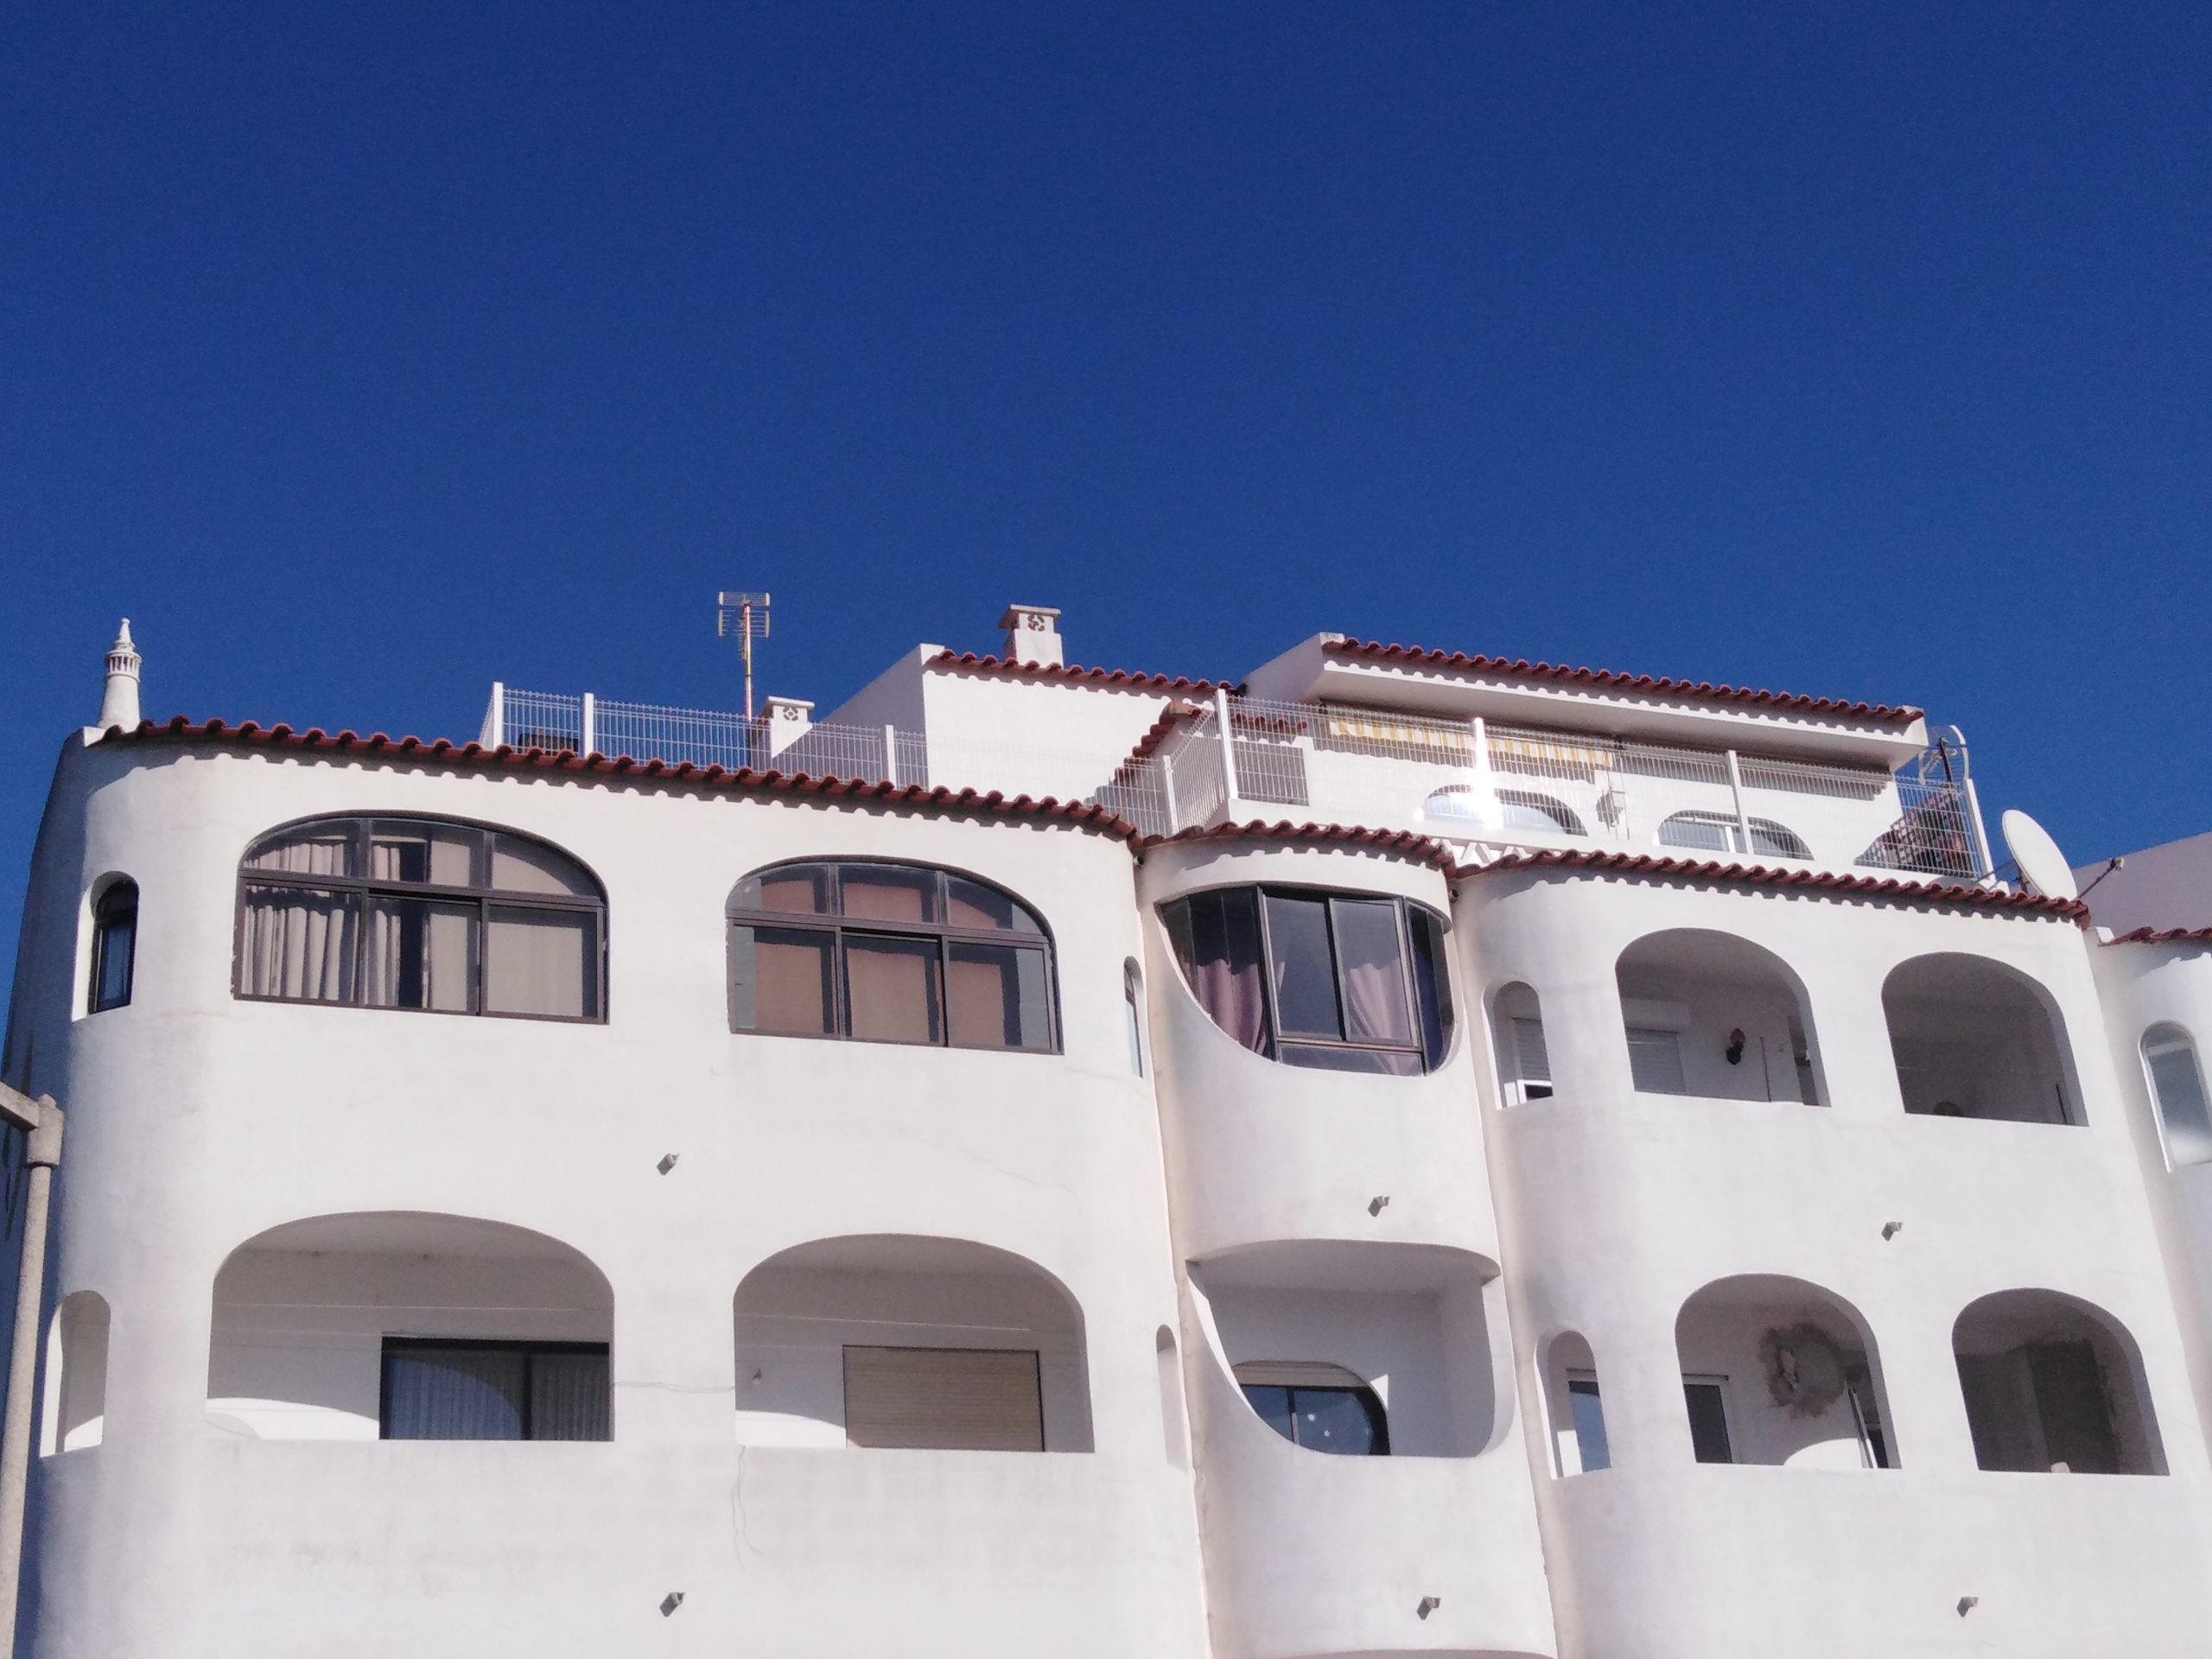 Location appartements et villas de vacance, Bel appartement à Portimao , Algarve à Portimão, Portugal Algarve, REF_IMG_15800_15815